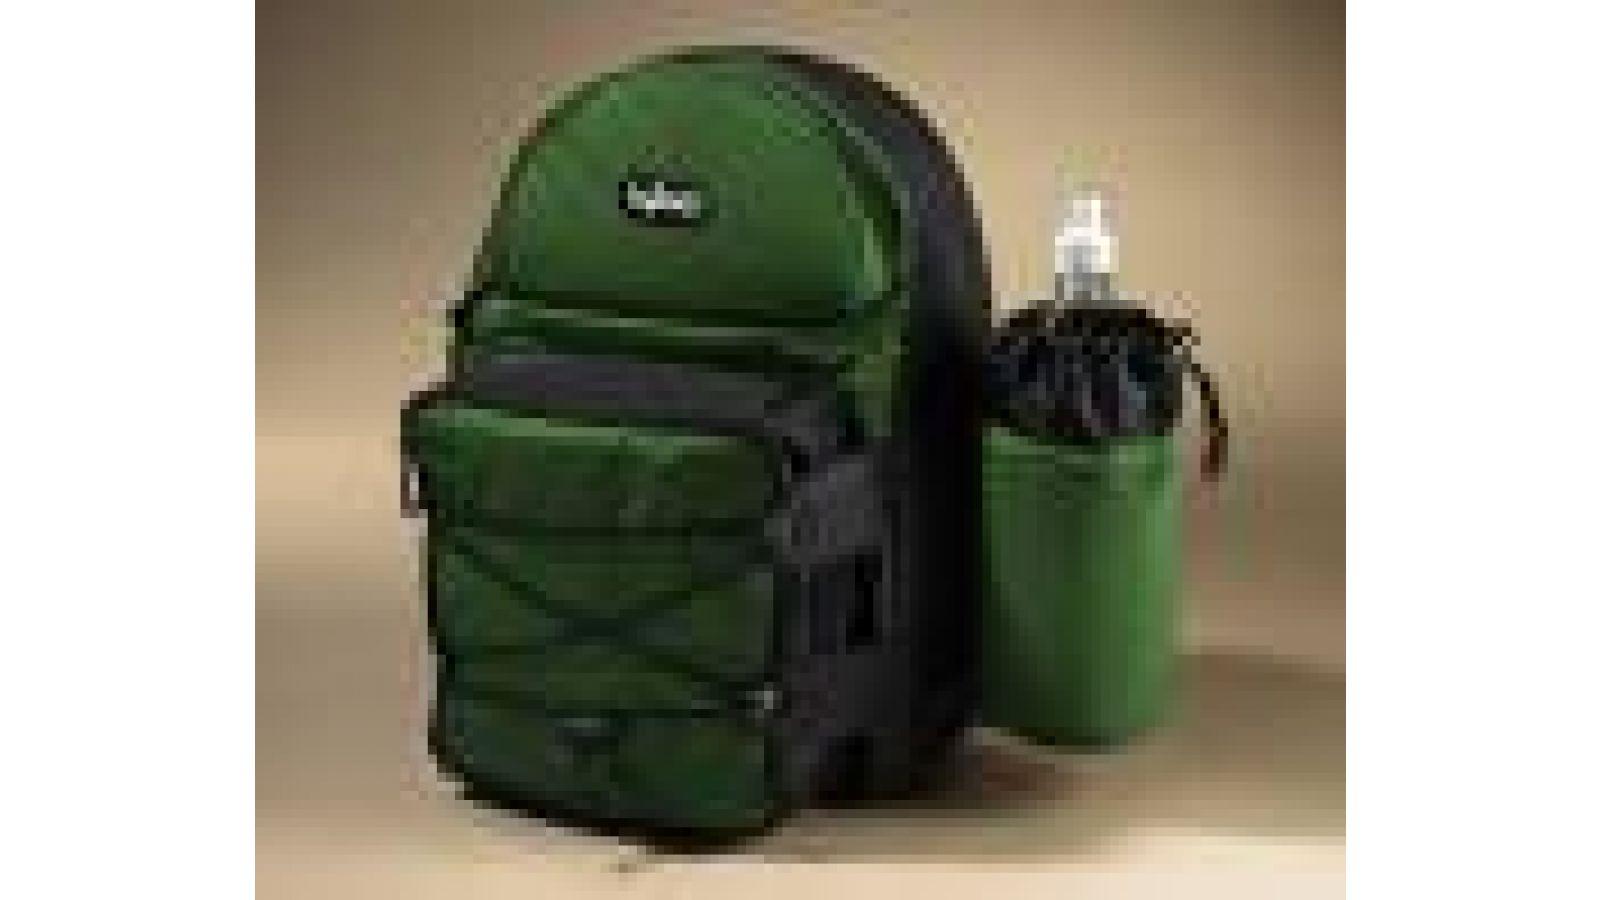 Igloo_backpack481400